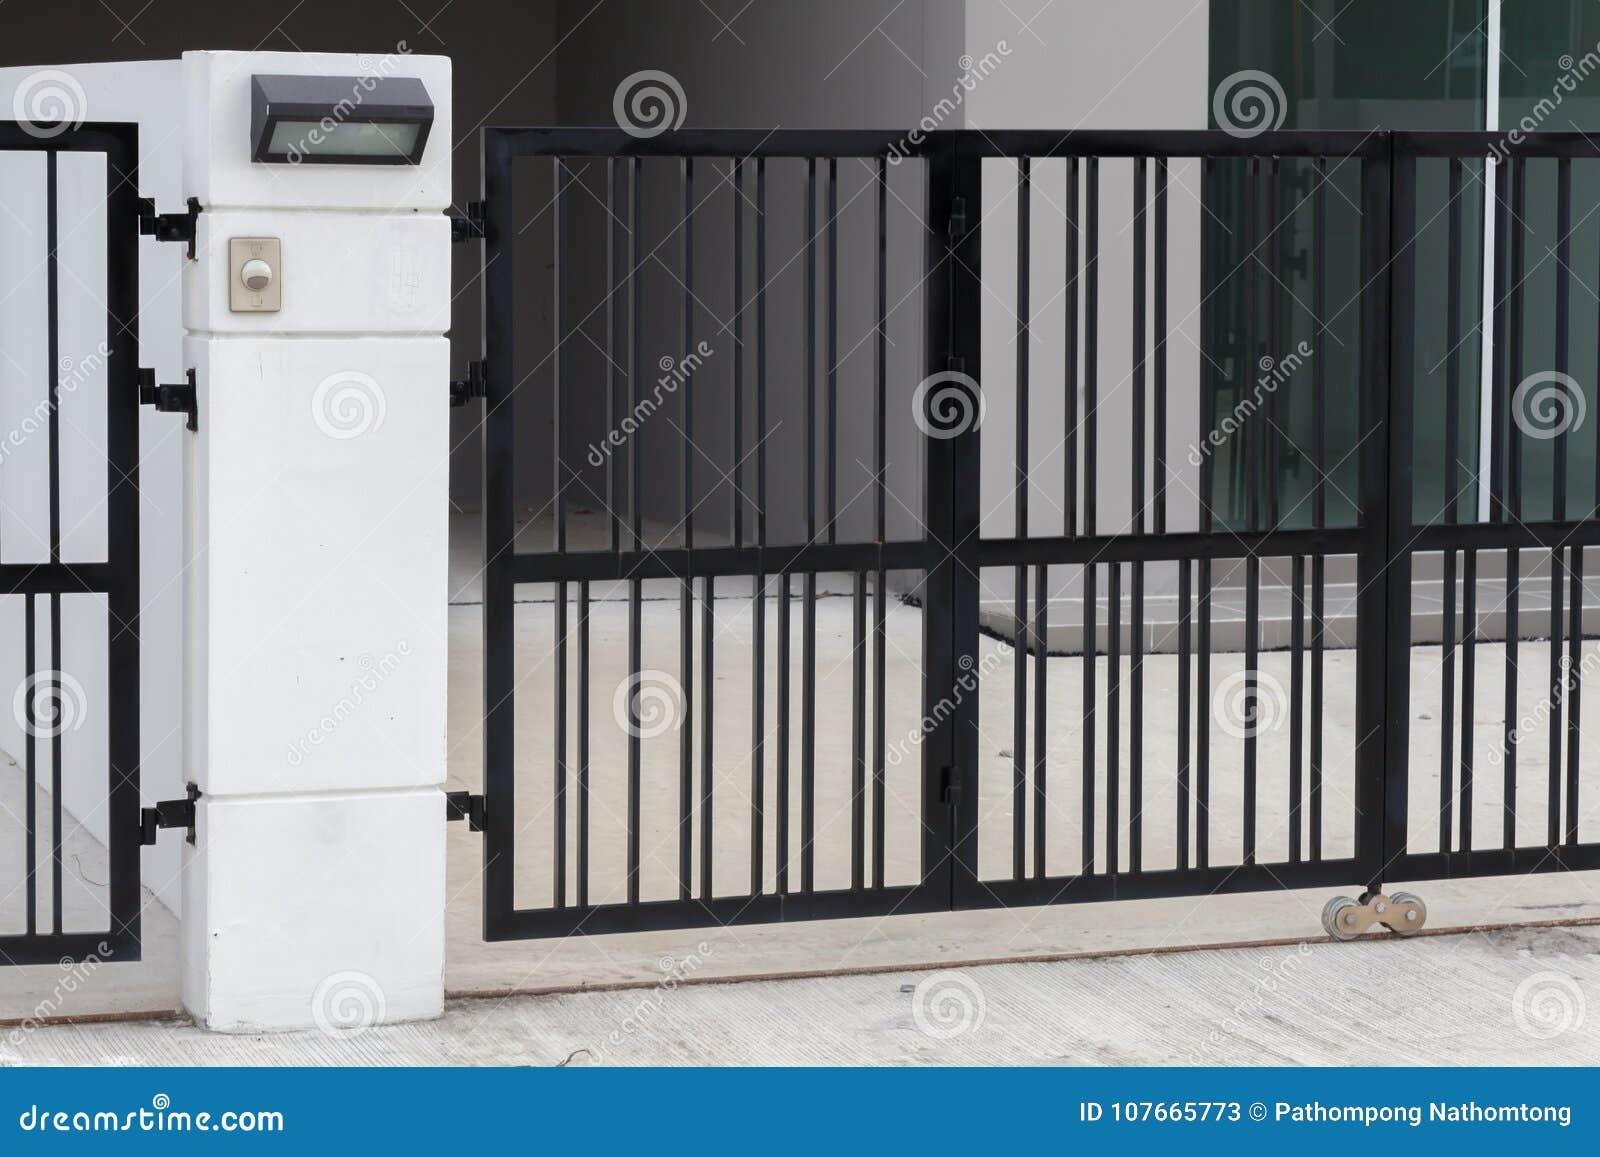 Türklingel am Tor